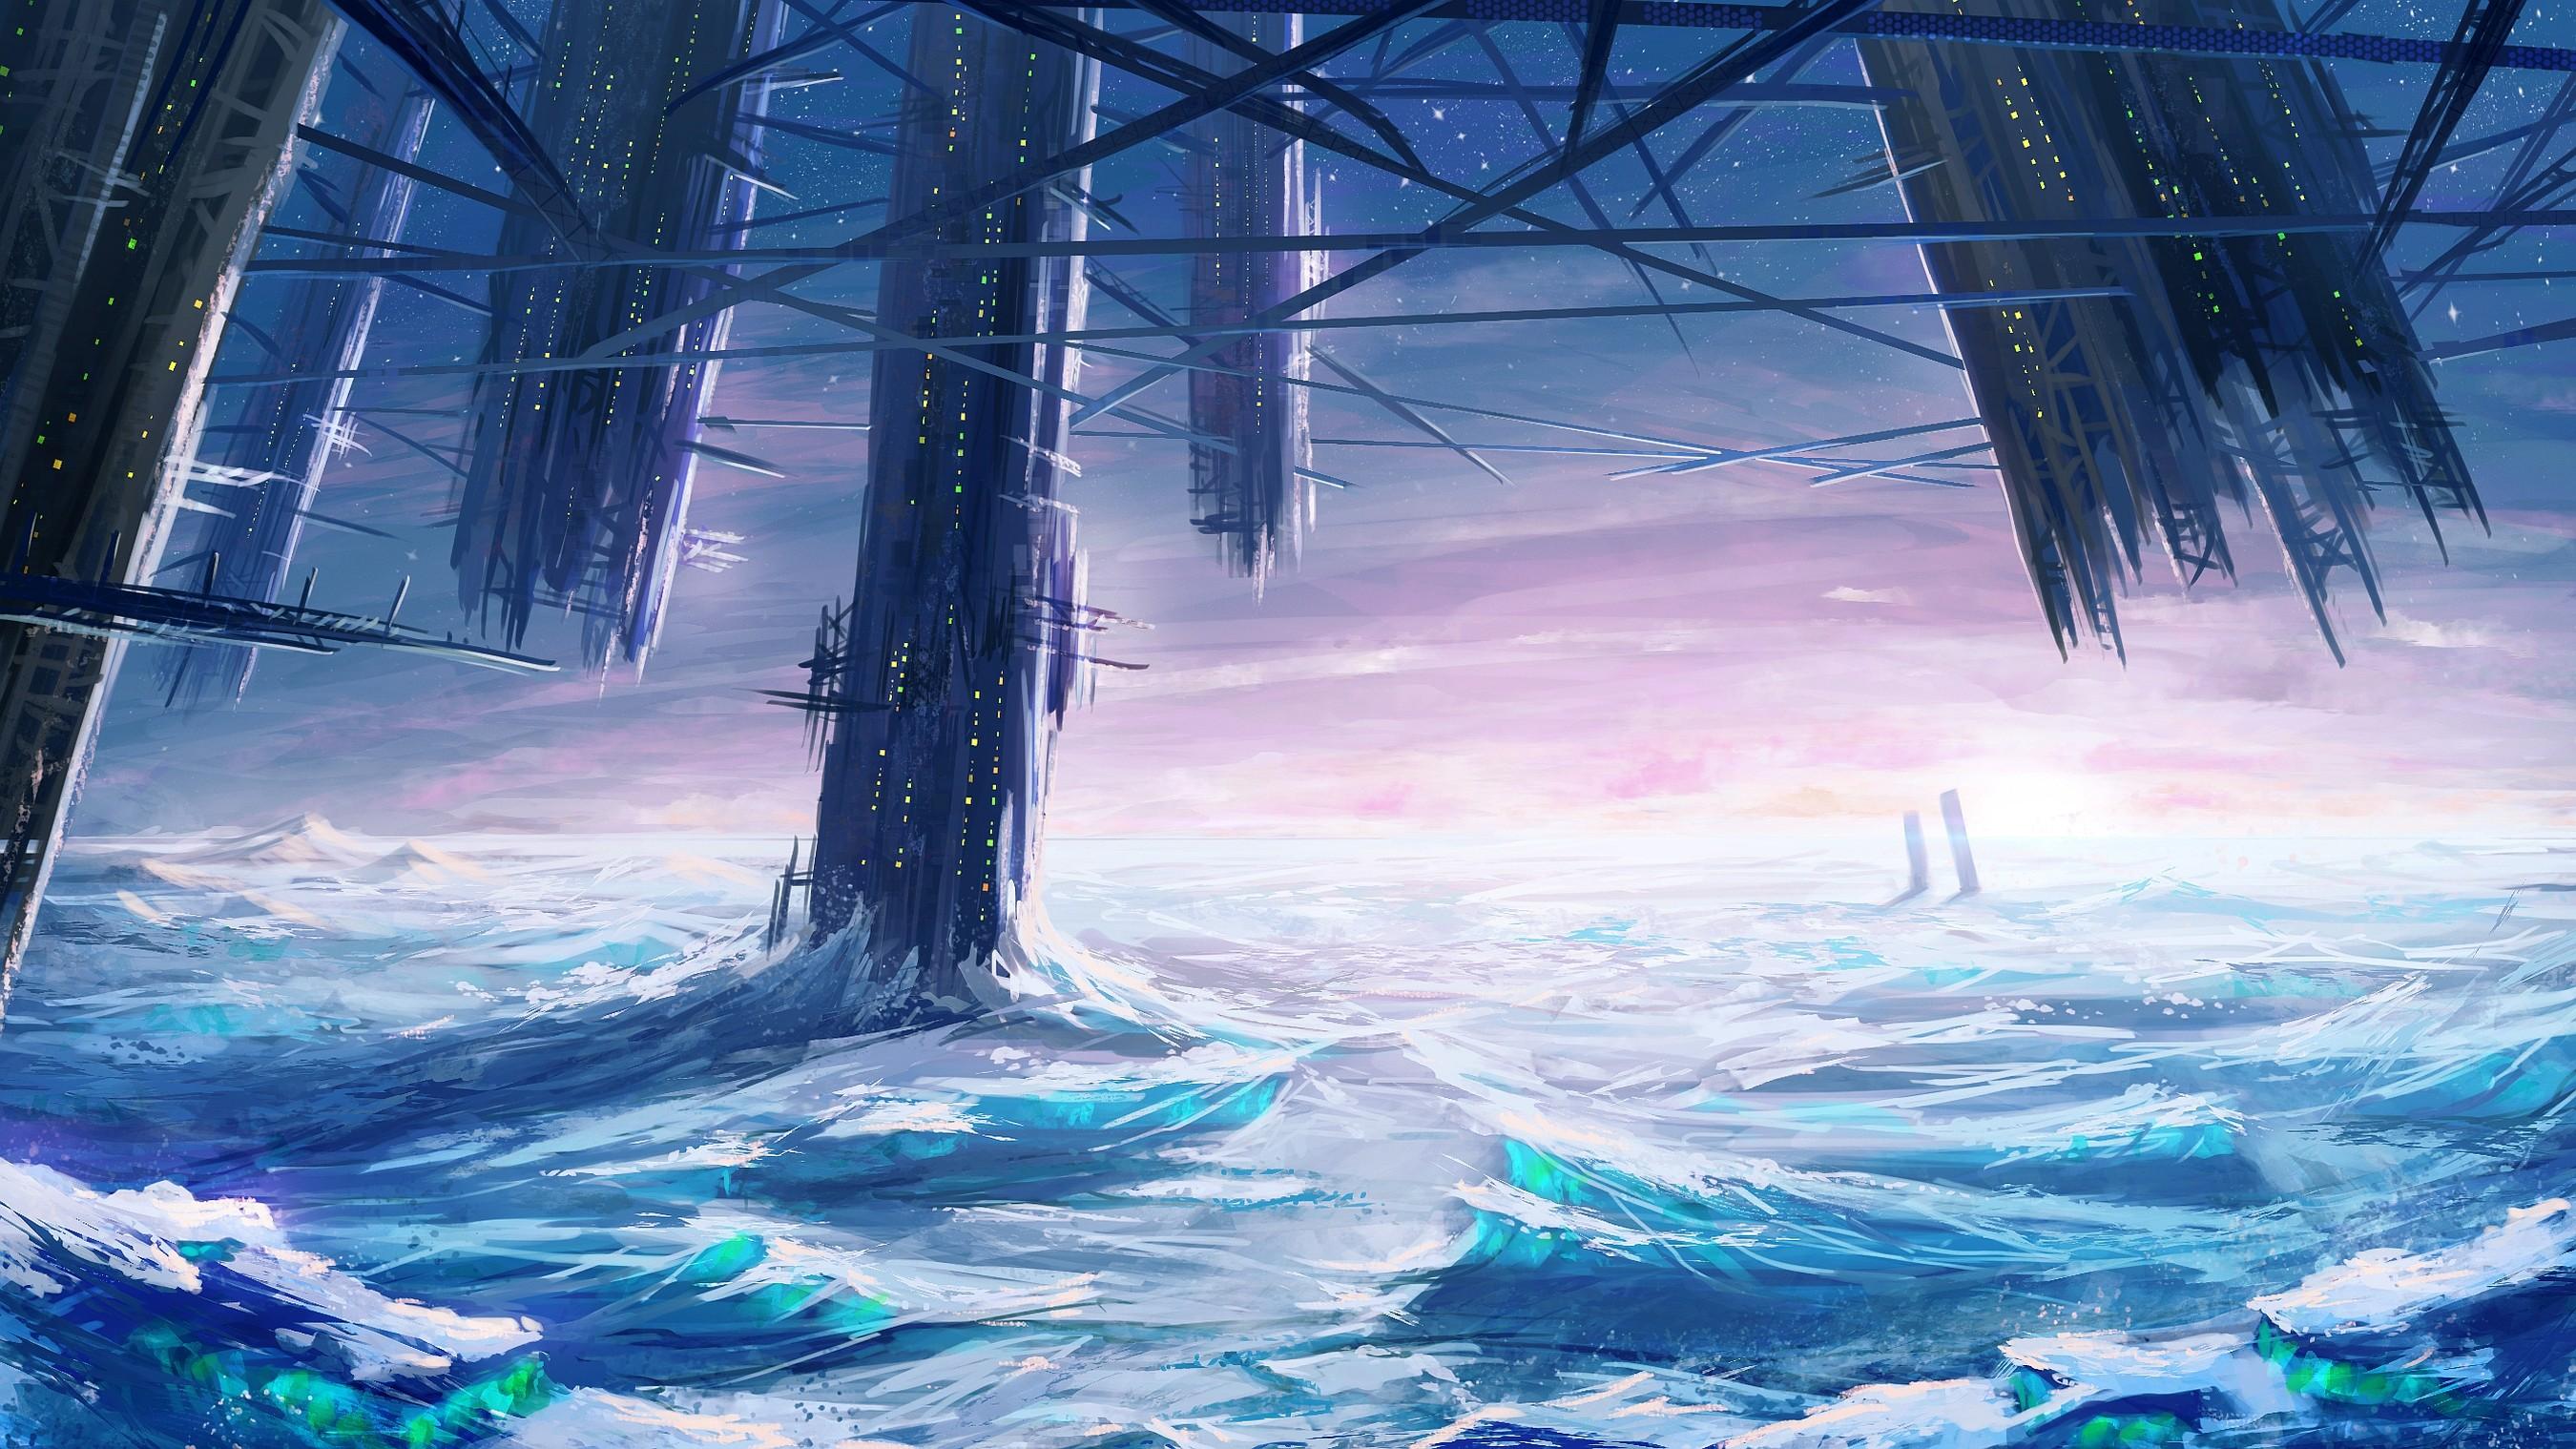 Ice Castle Sci-Fi Landscape [2700 x 1519] …